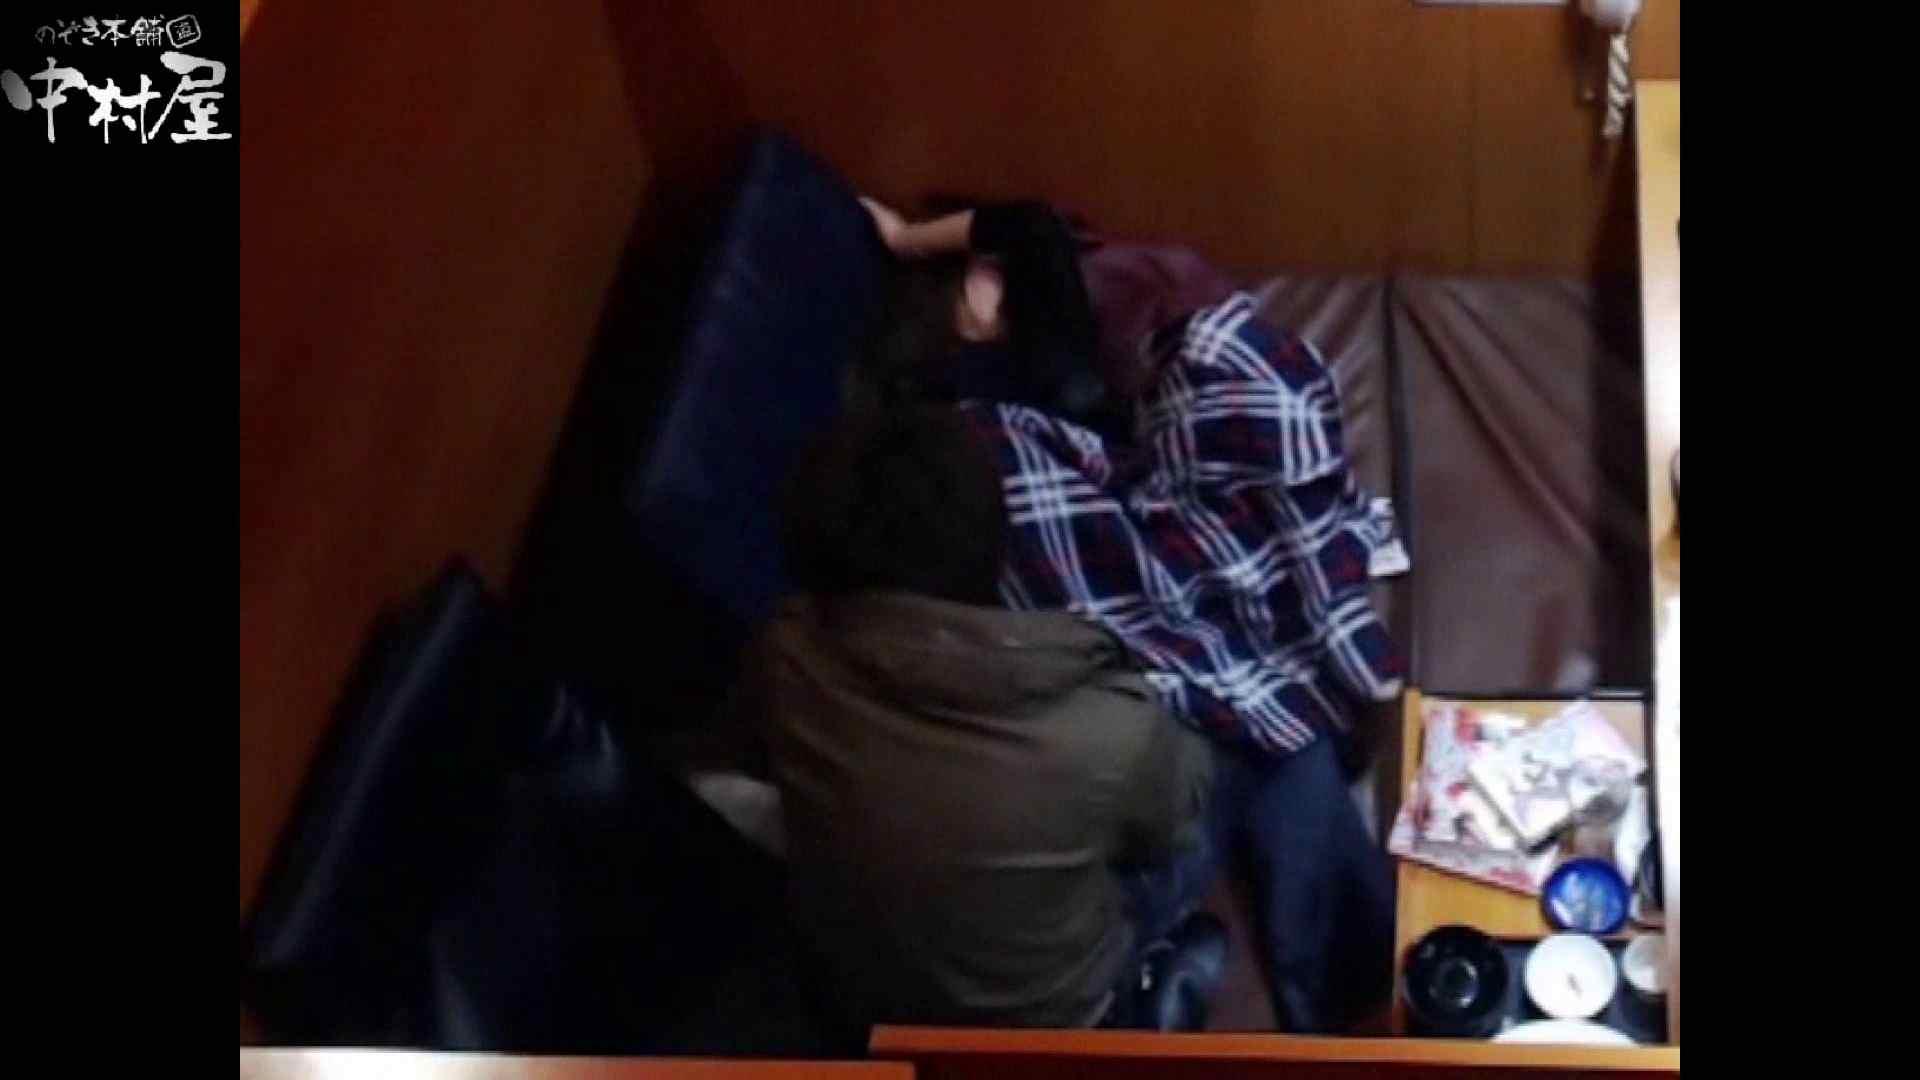 ネットカフェ盗撮師トロントさんの 素人カップル盗撮記vol.4 素人 アダルト動画キャプチャ 102連発 91